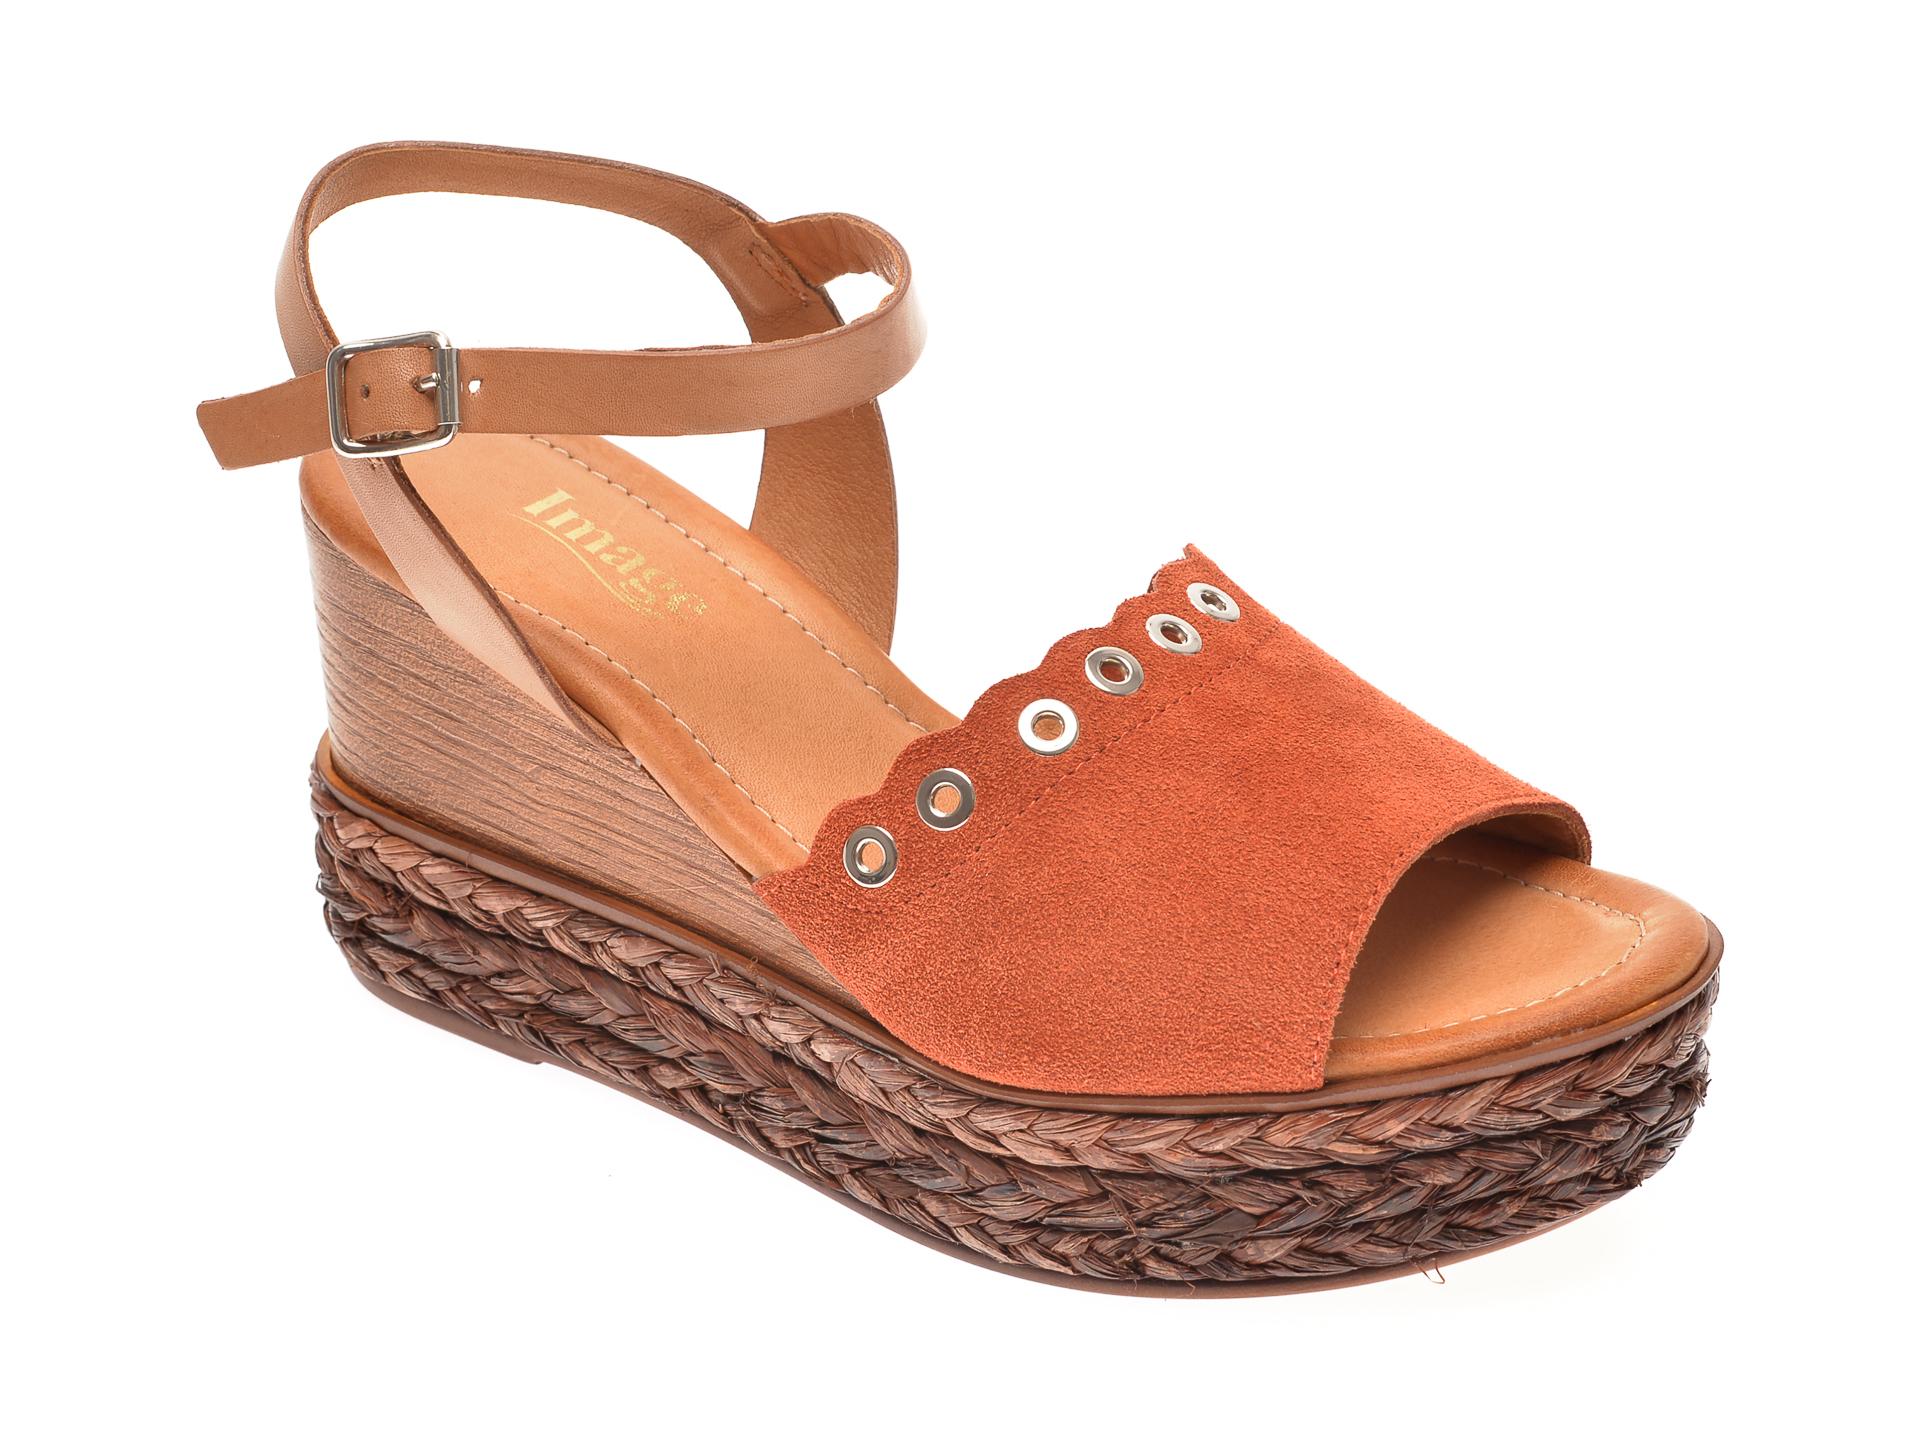 Sandale IMAGE portocalii, 4151, din piele intoarsa imagine